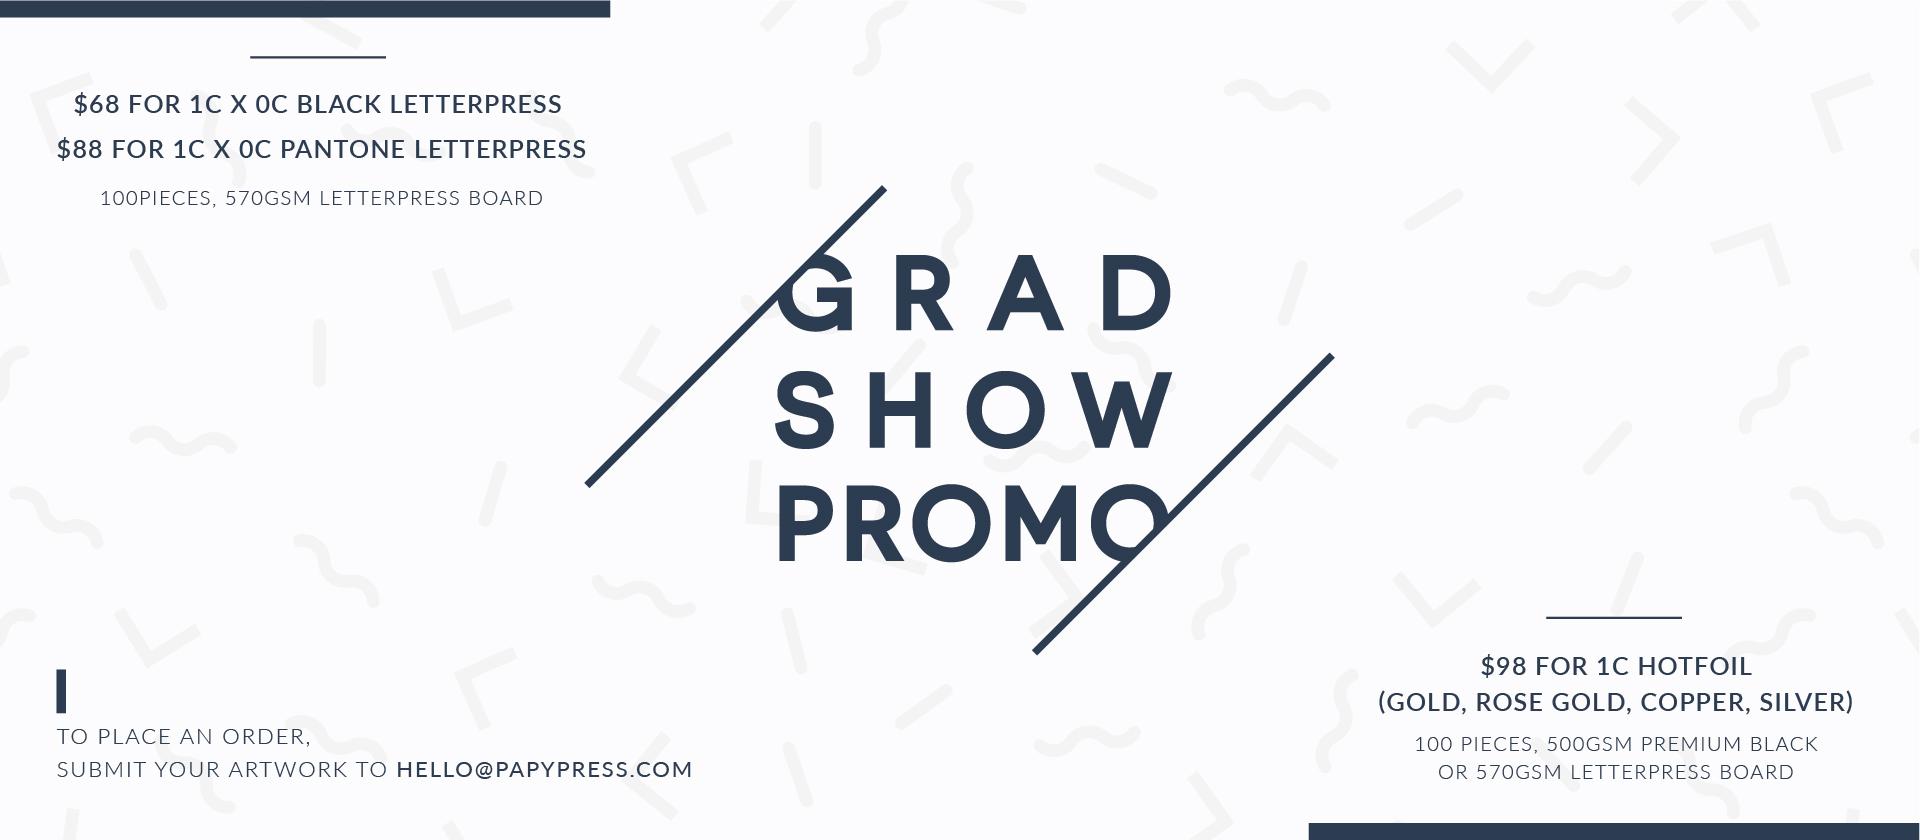 Grad Show Promo